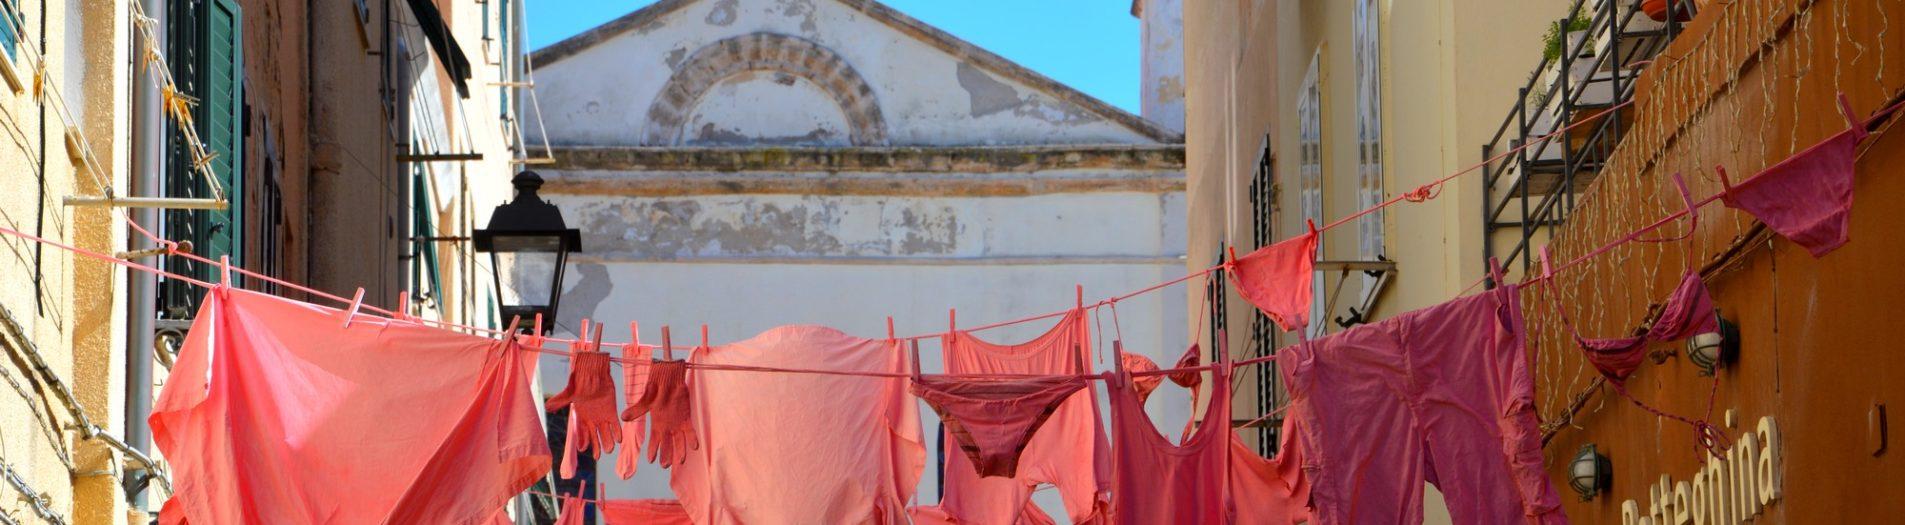 Alghero in pink